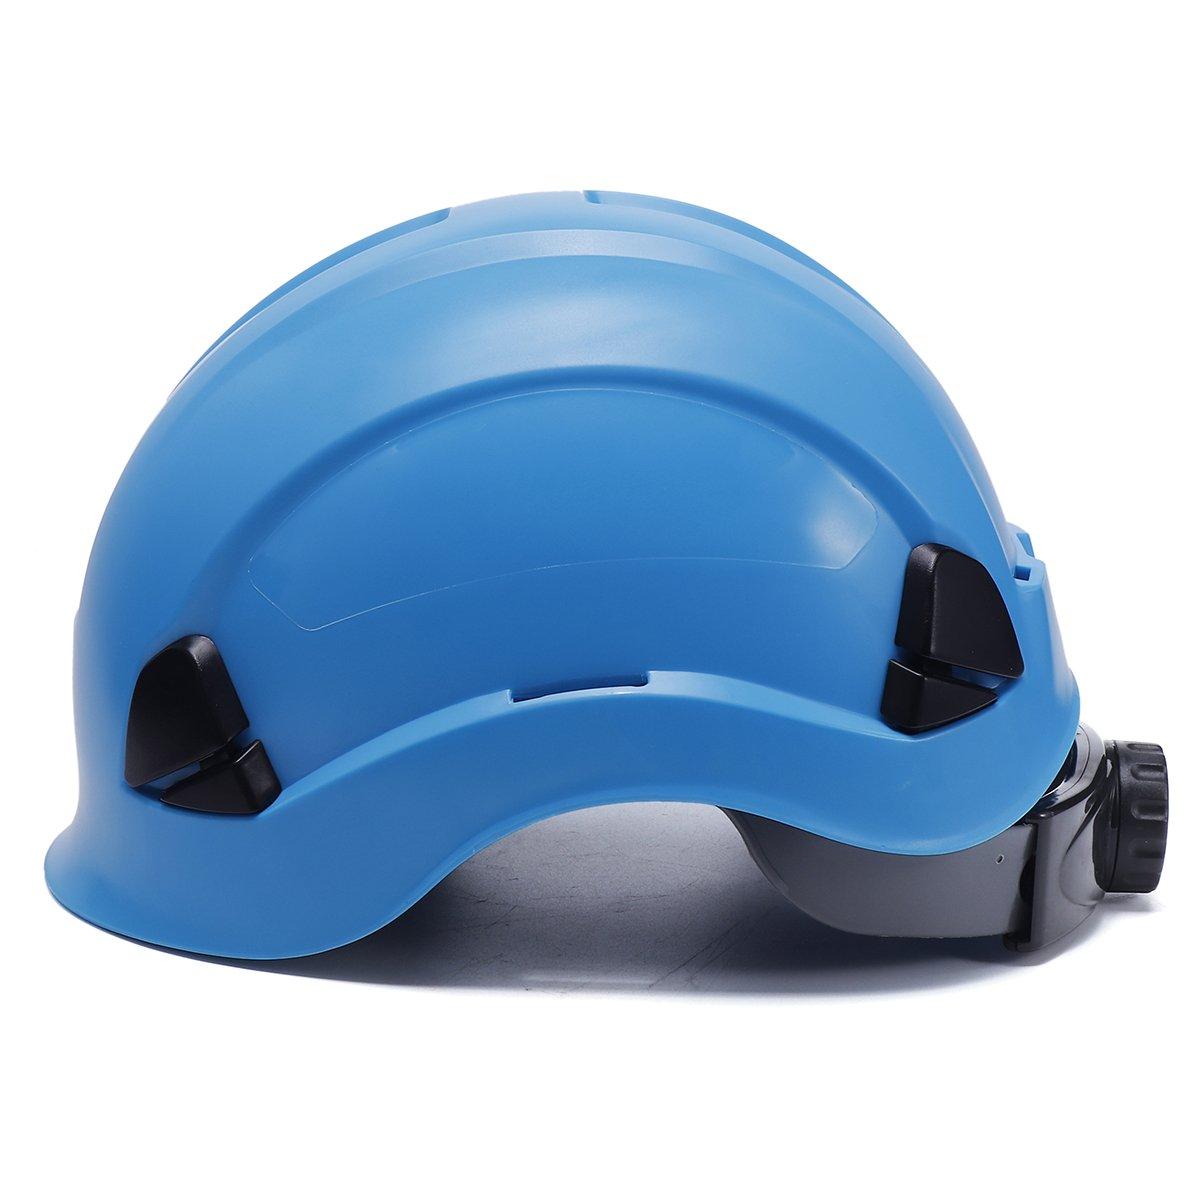 ChaRLes Abs Sicurezza Casco Costruzione Arrampicata Steeplejack Lavoratori Cappelli Duri Protettivi - Lago azzurro